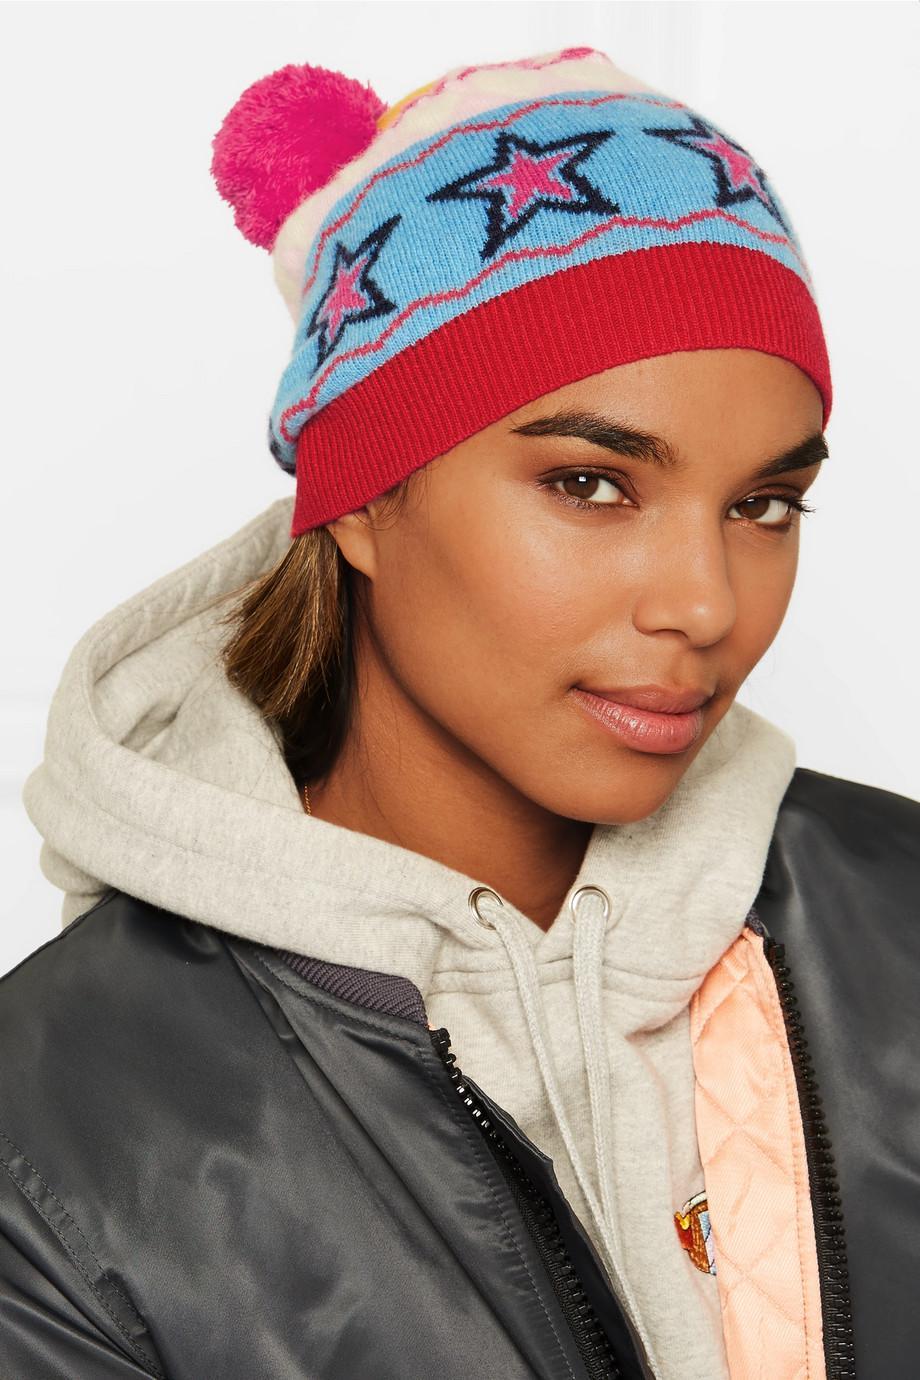 Ski Tuque En Laine Jacquard Partie - Chinti Rose Et Parker W39lSHywaw